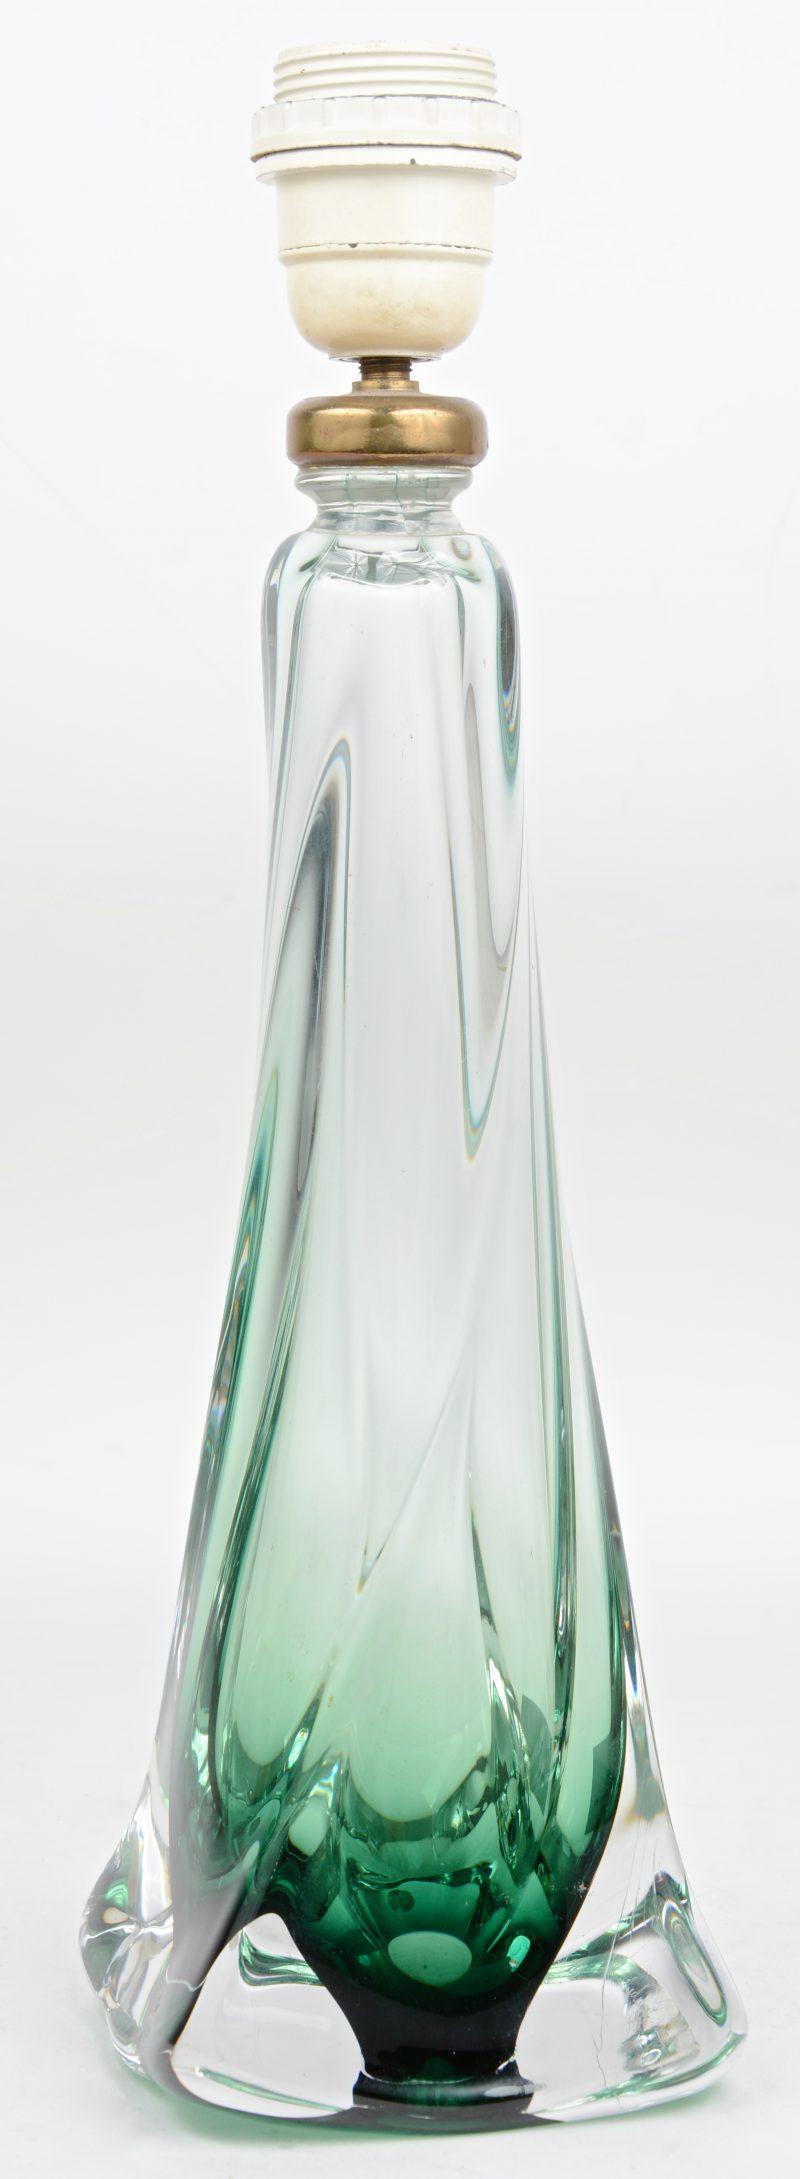 Een lampvoet van groen kristal. Gemerkt.